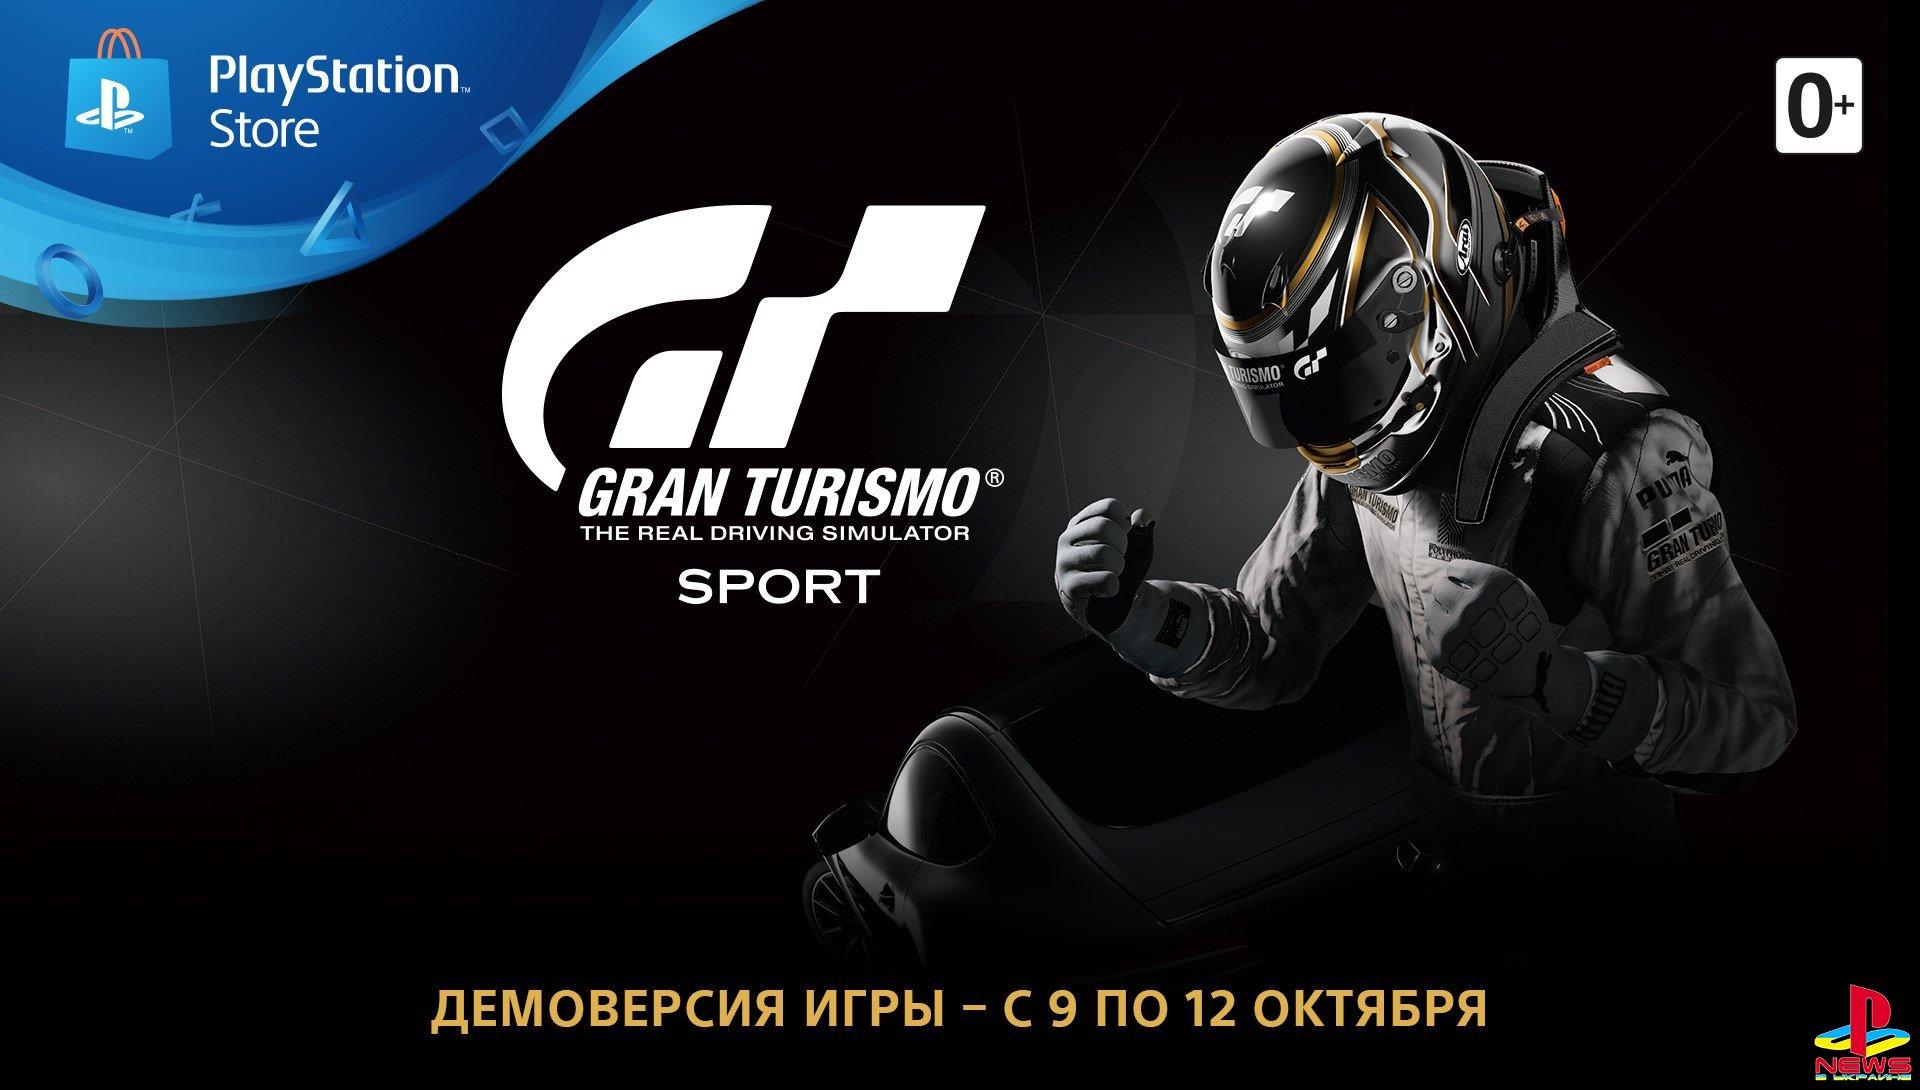 Демоверсия GT Sport будет доступна с 9 октября